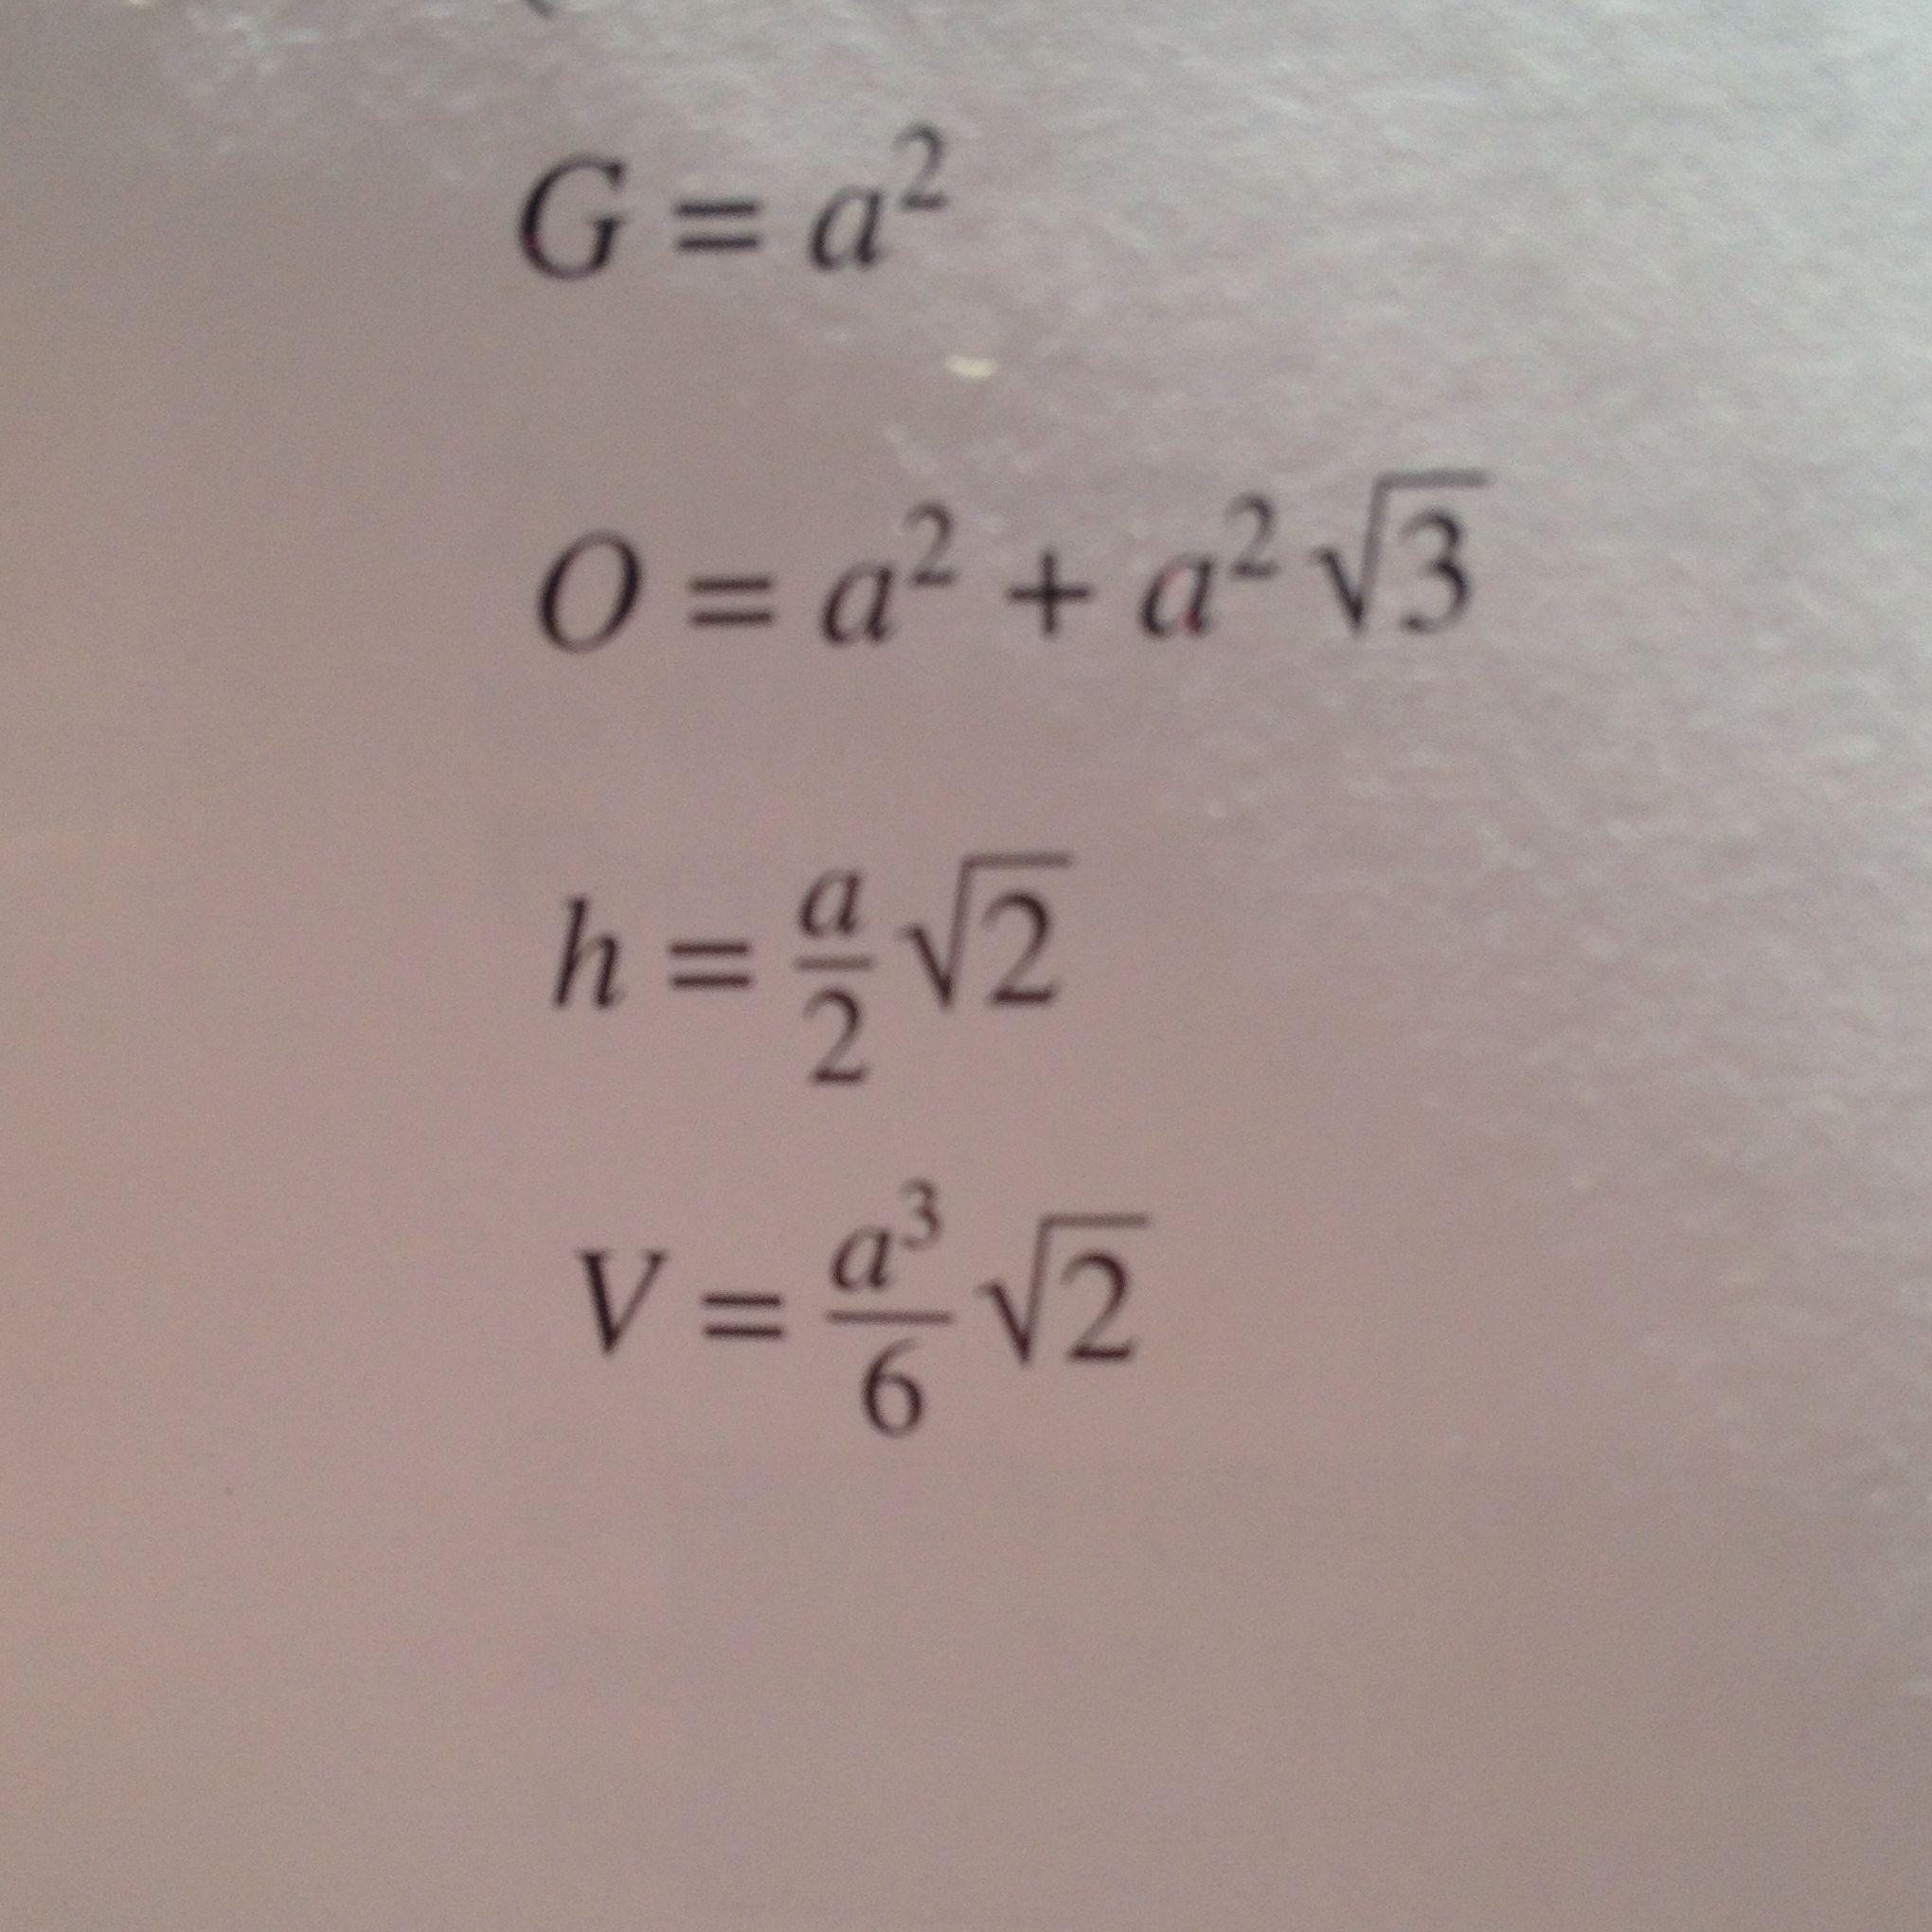 wie kann man in mathe die mantel- und oberfläche einer